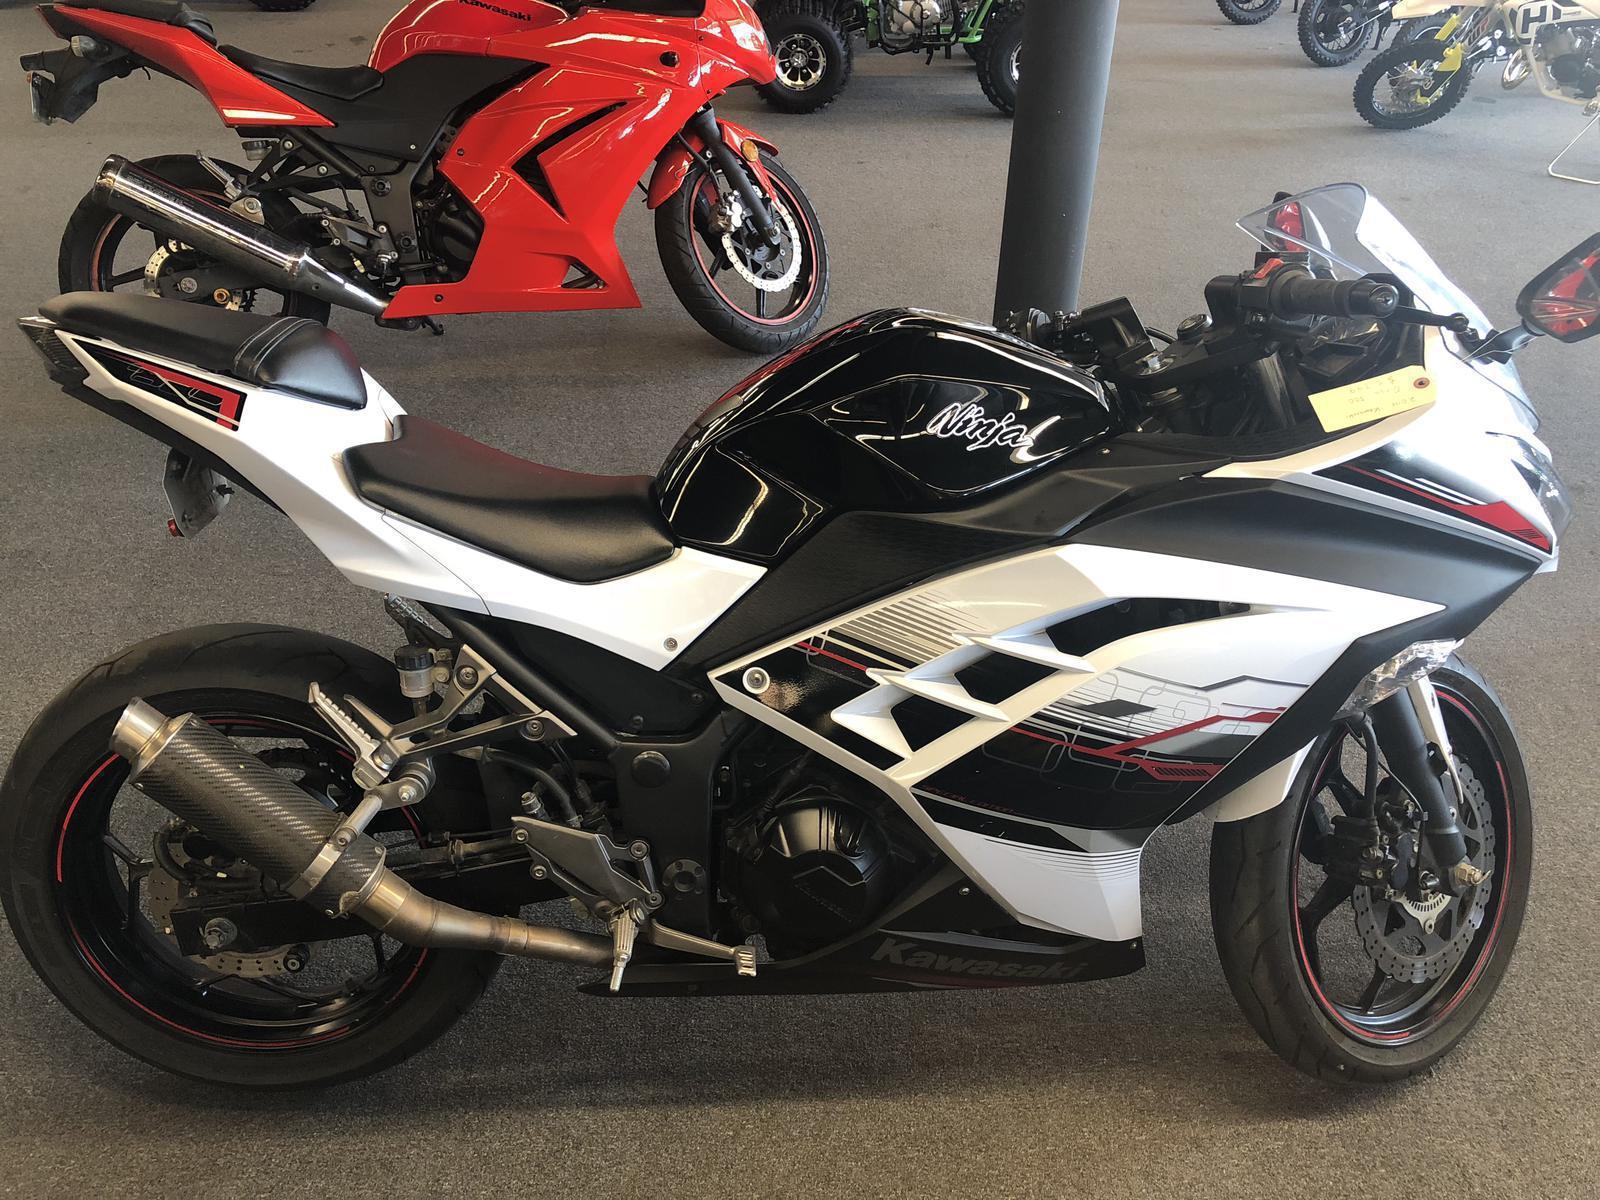 2014 Kawasaki Ninja® 300 ABS for sale in Lexington, KY. Central ...